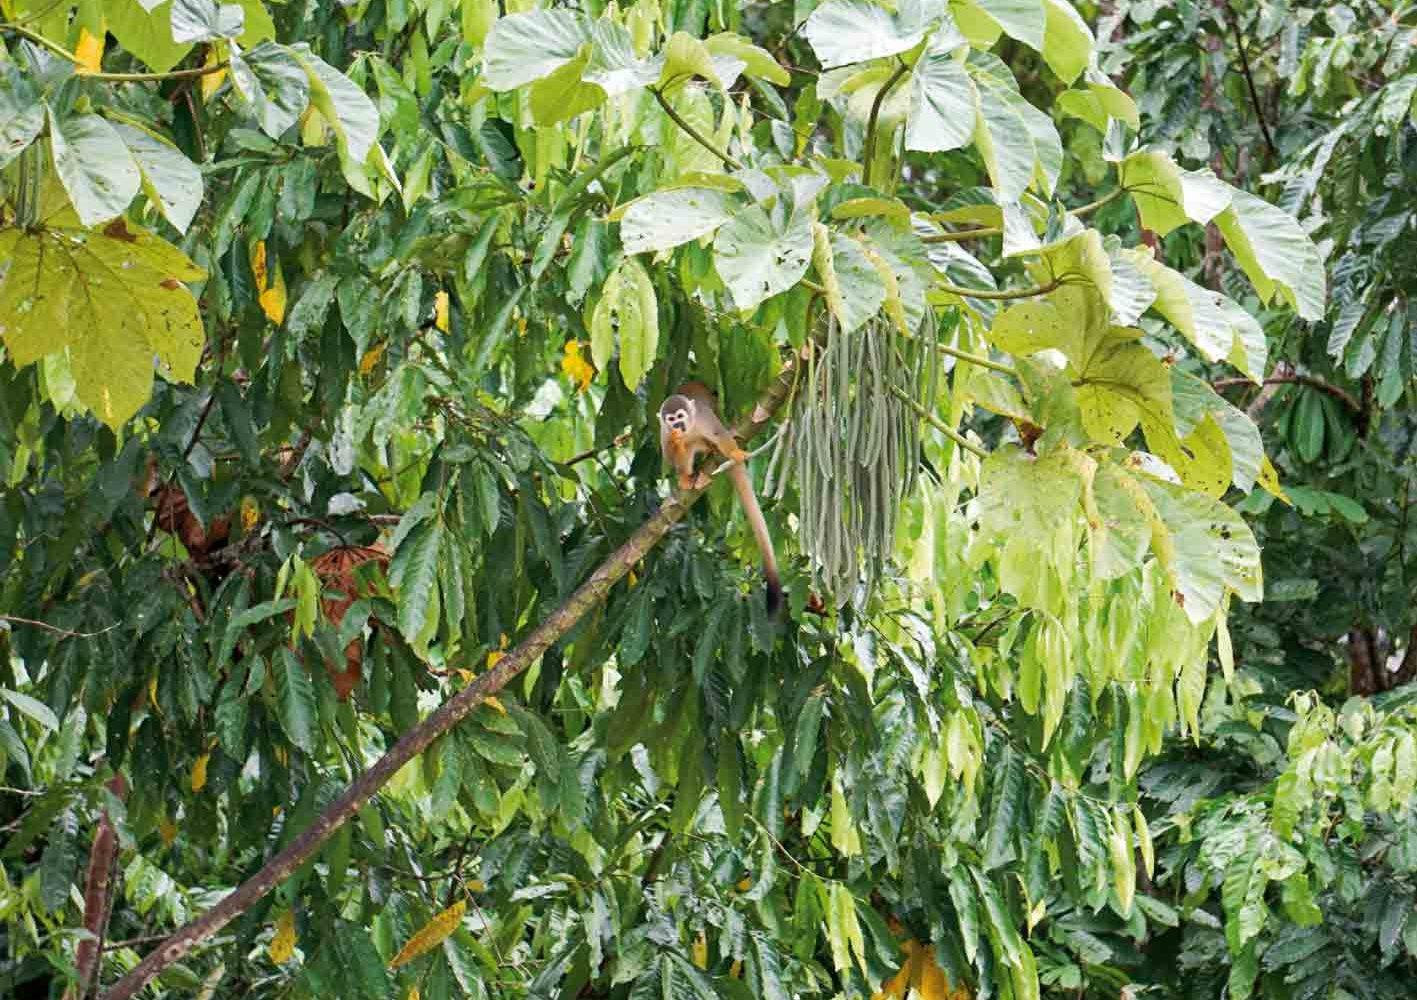 Häufig können wir auf den Bäumen Totenkopfaffen beobachten